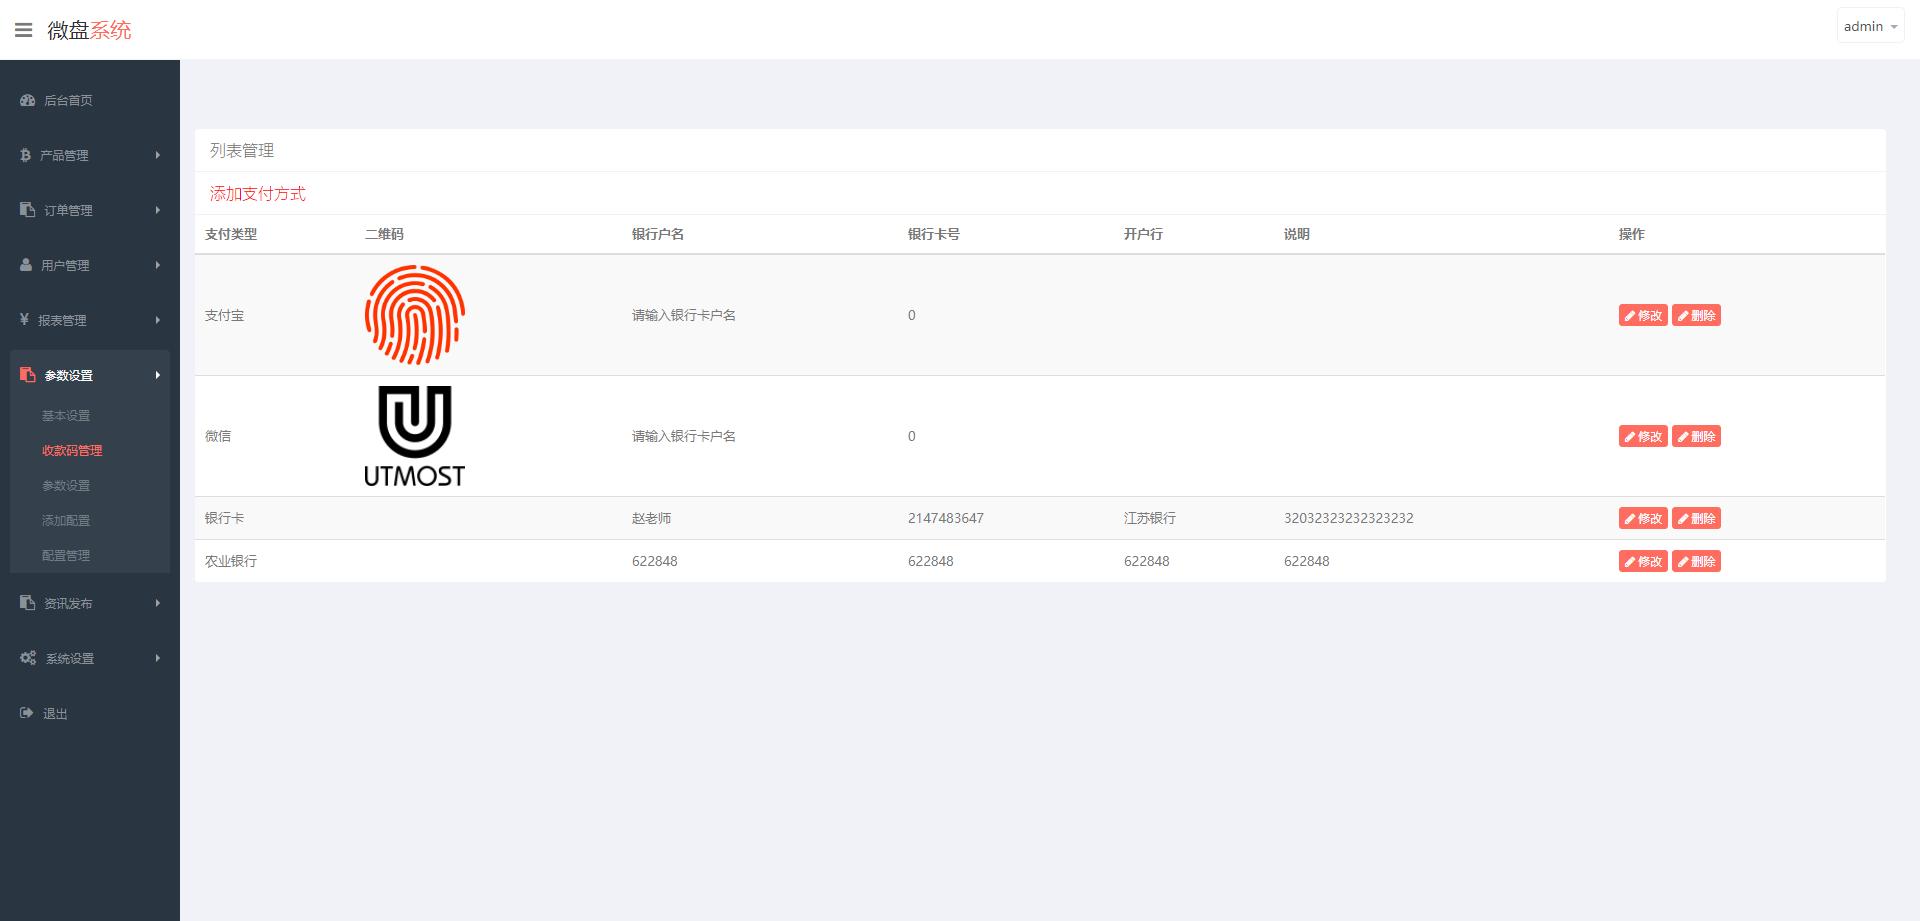 【微盘】新UI二开过K线正常[已过D盾清后门]-找主题源码